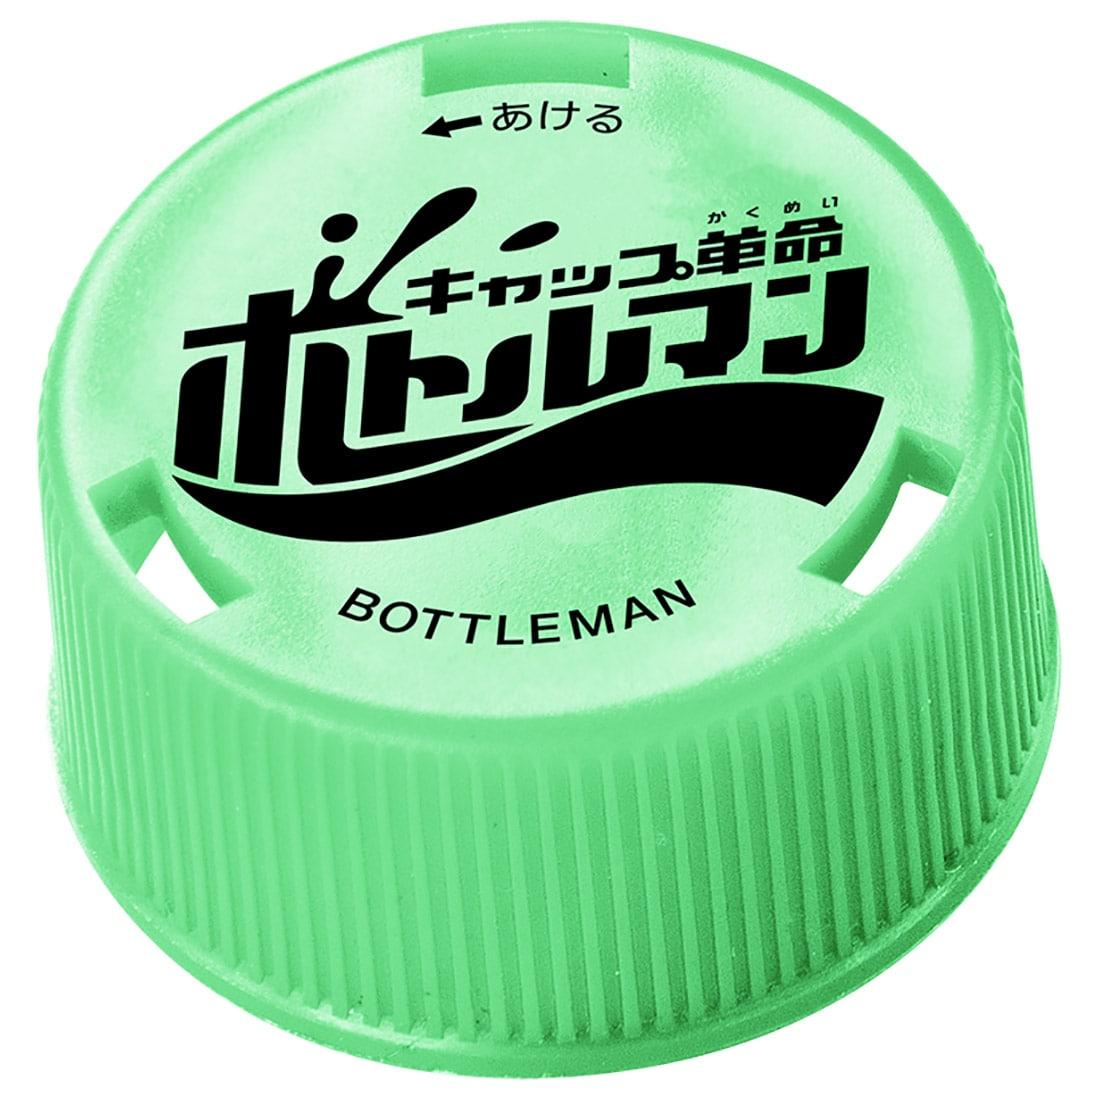 キャップ革命 ボトルマン『BOT-22 サラファイア&ブラストボス 大討伐セット』おもちゃ-006